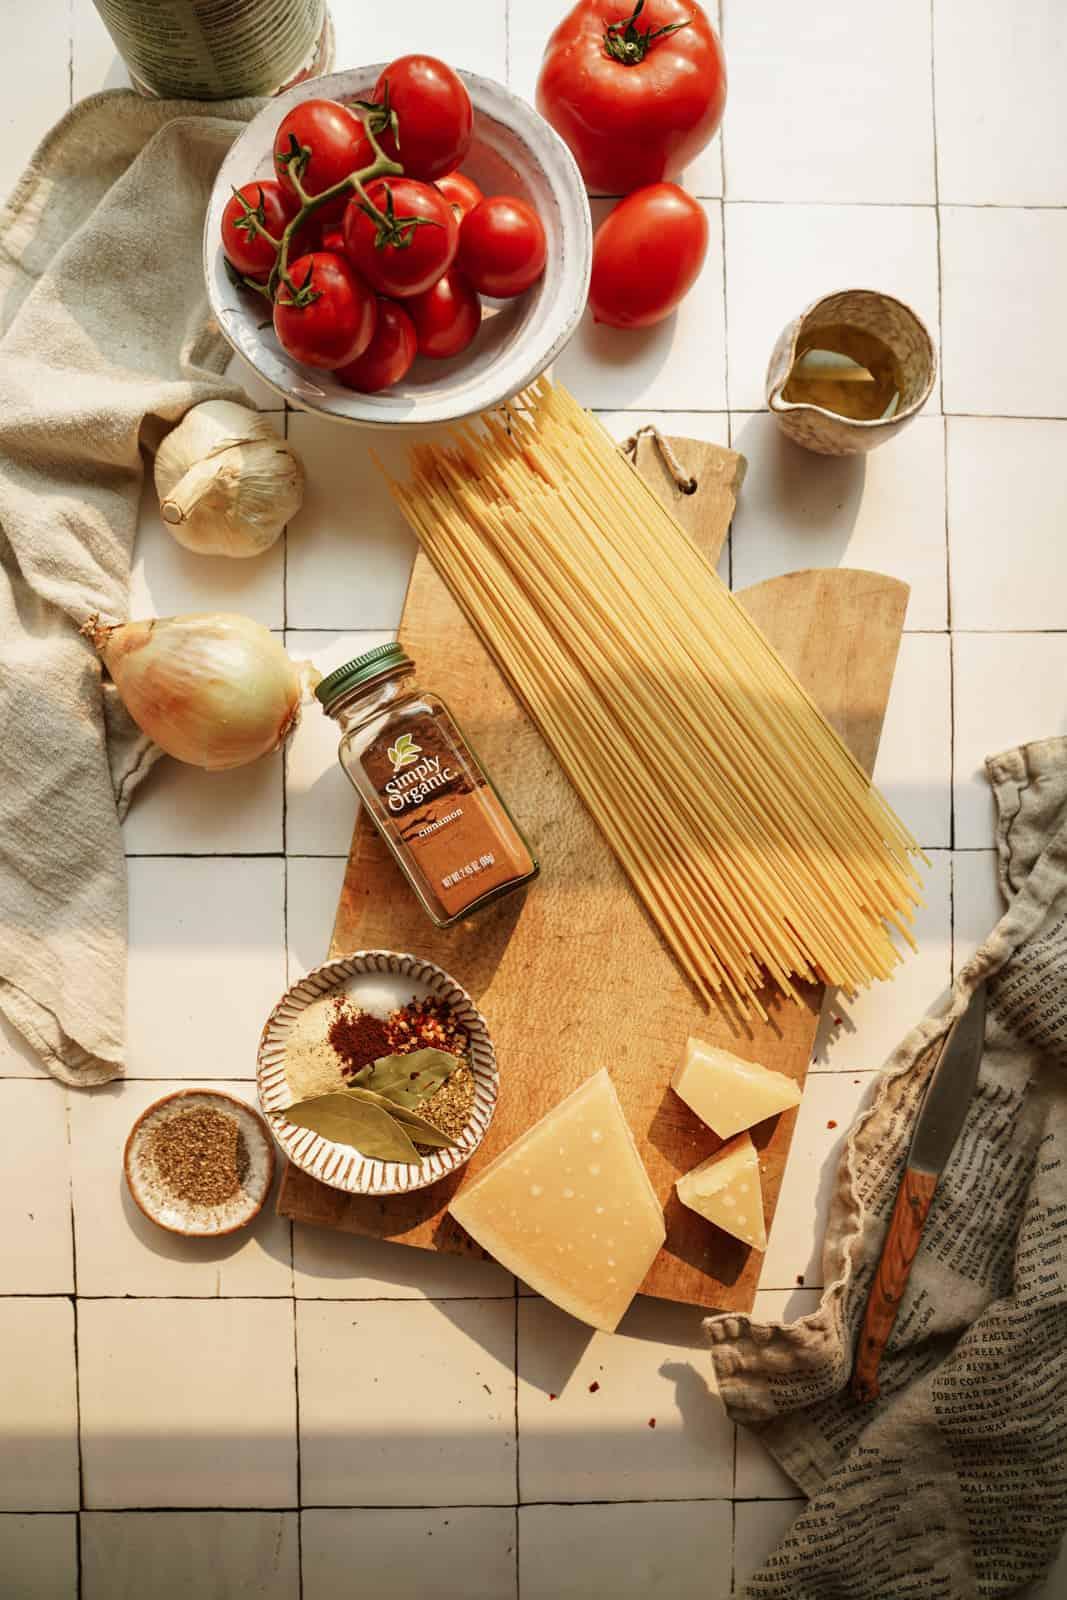 Ingredients for Greek pasta sauce